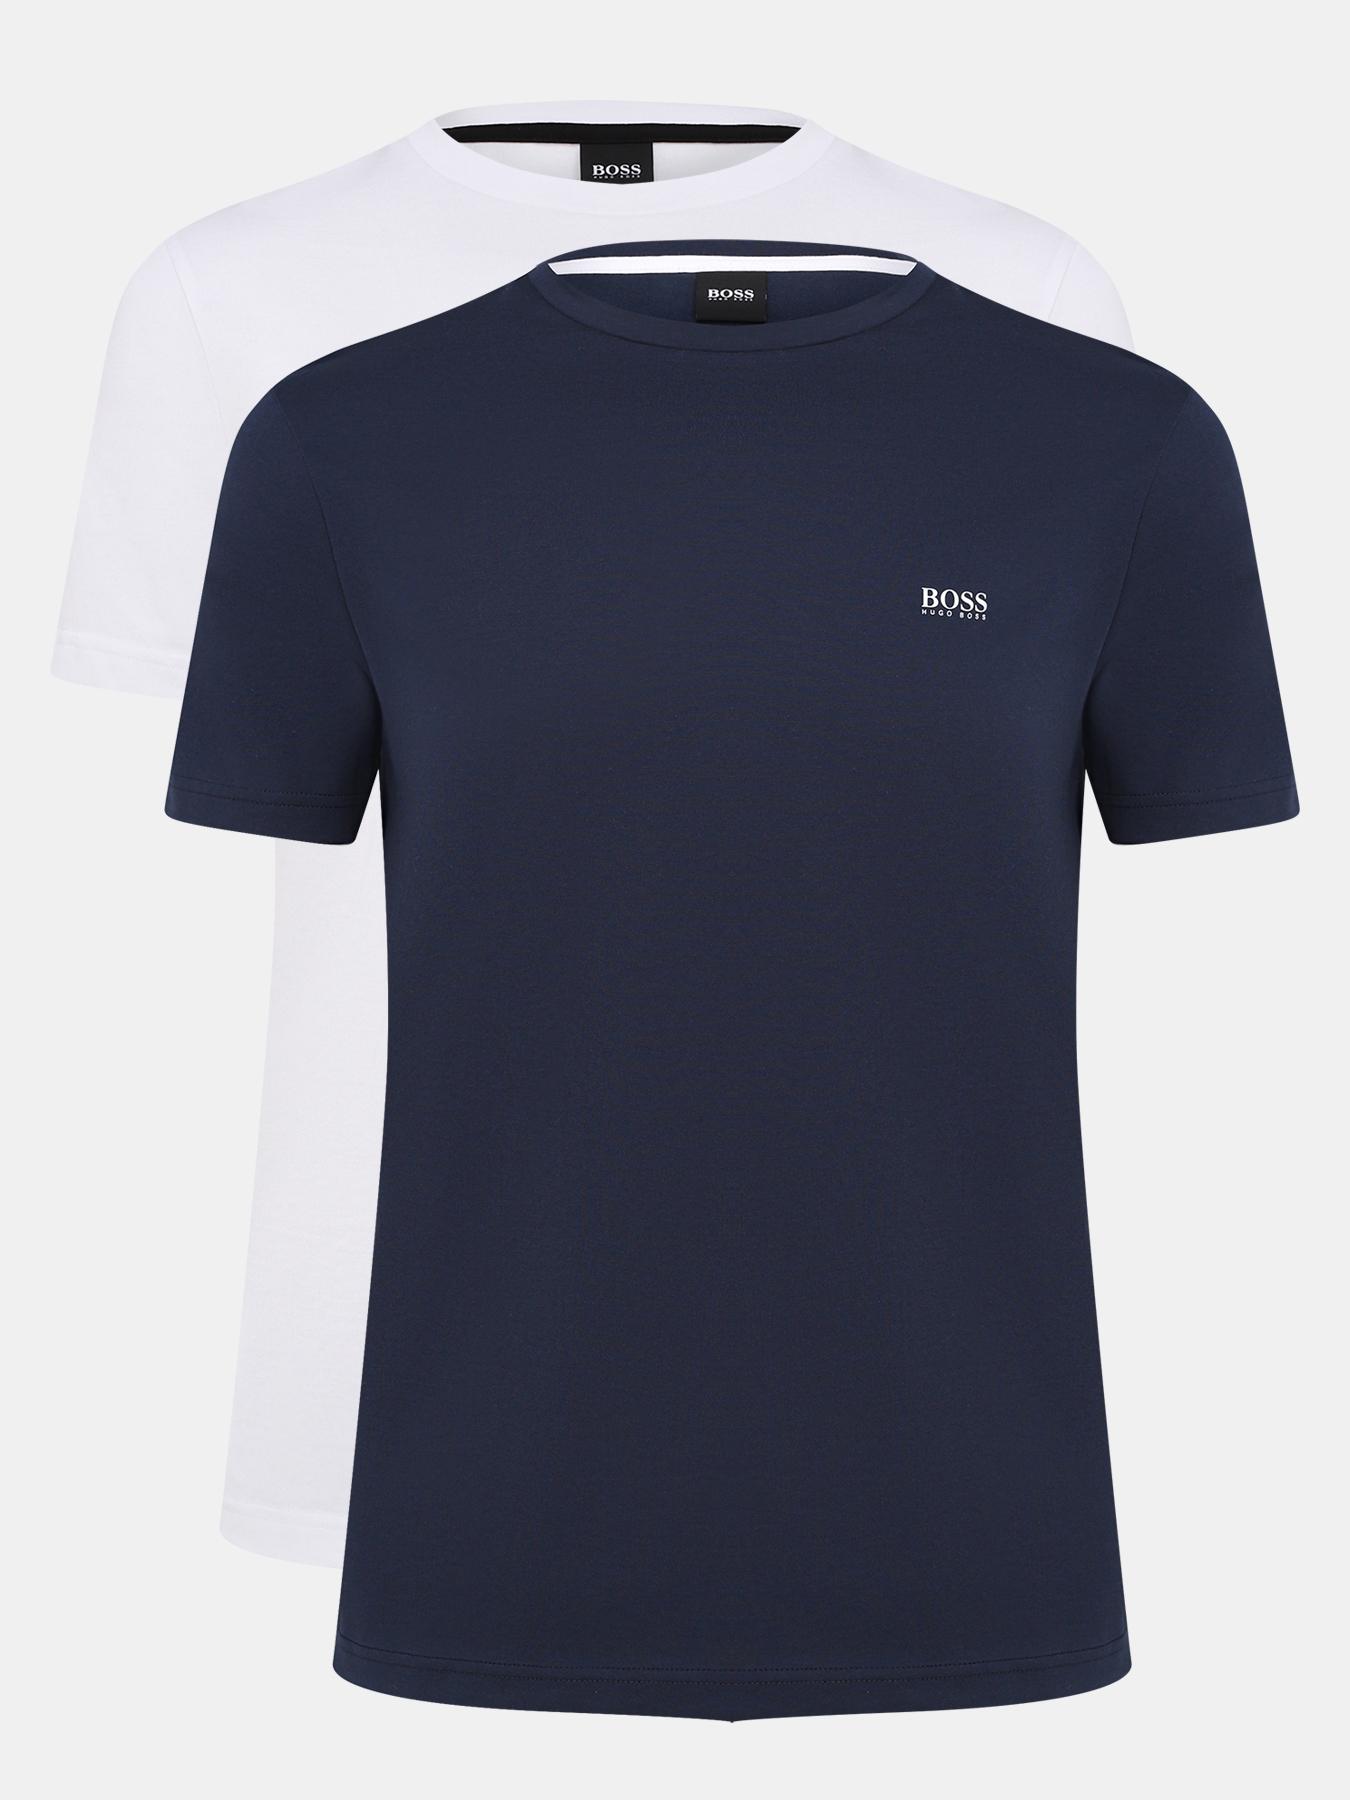 BOSS Футболка T-Shirt (2 шт)